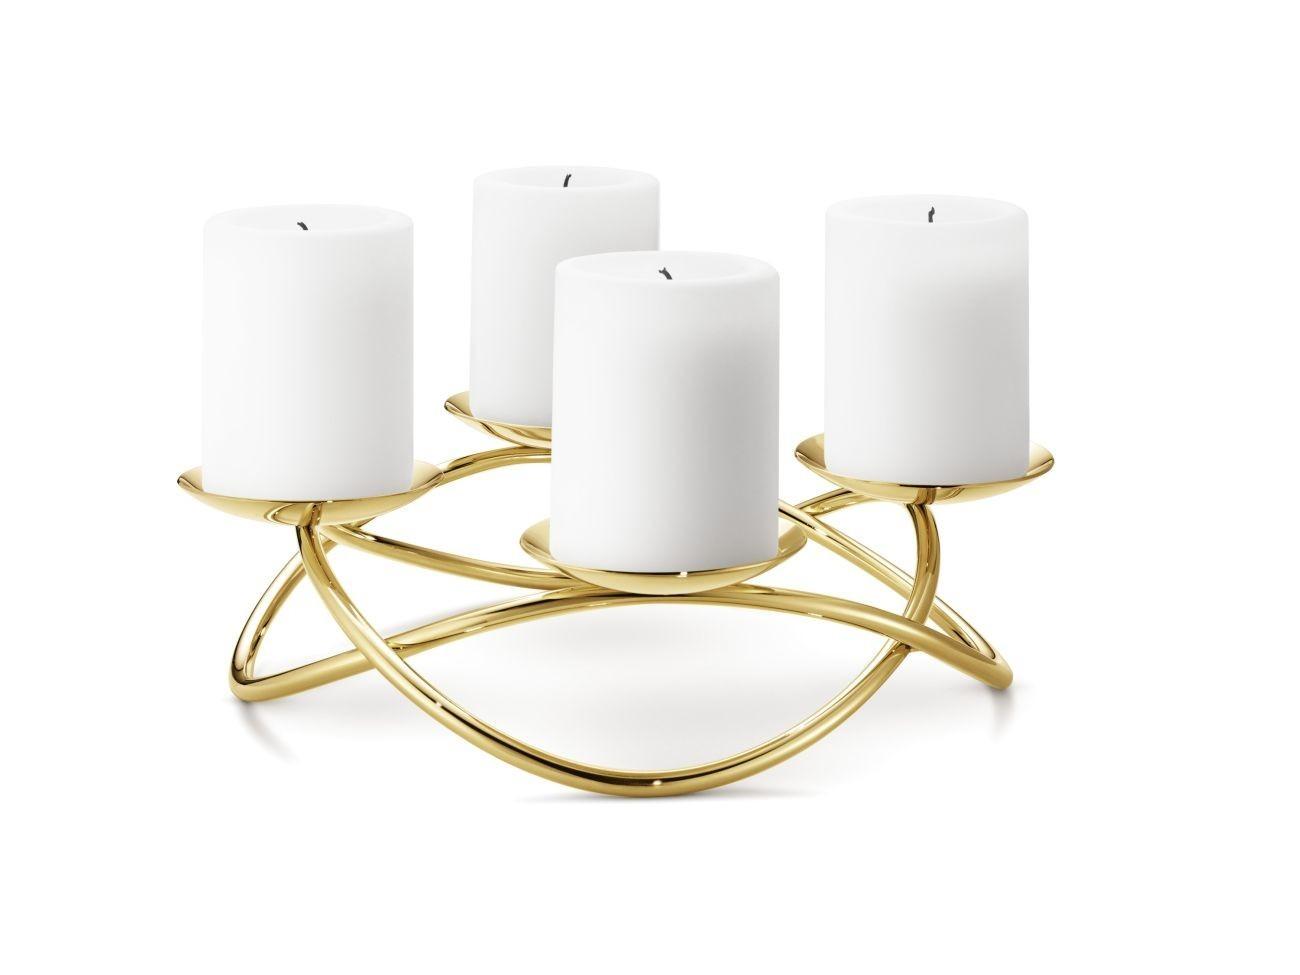 georg jensen season kerzenhalter gro mit goldauflage online kaufen bei woonio. Black Bedroom Furniture Sets. Home Design Ideas